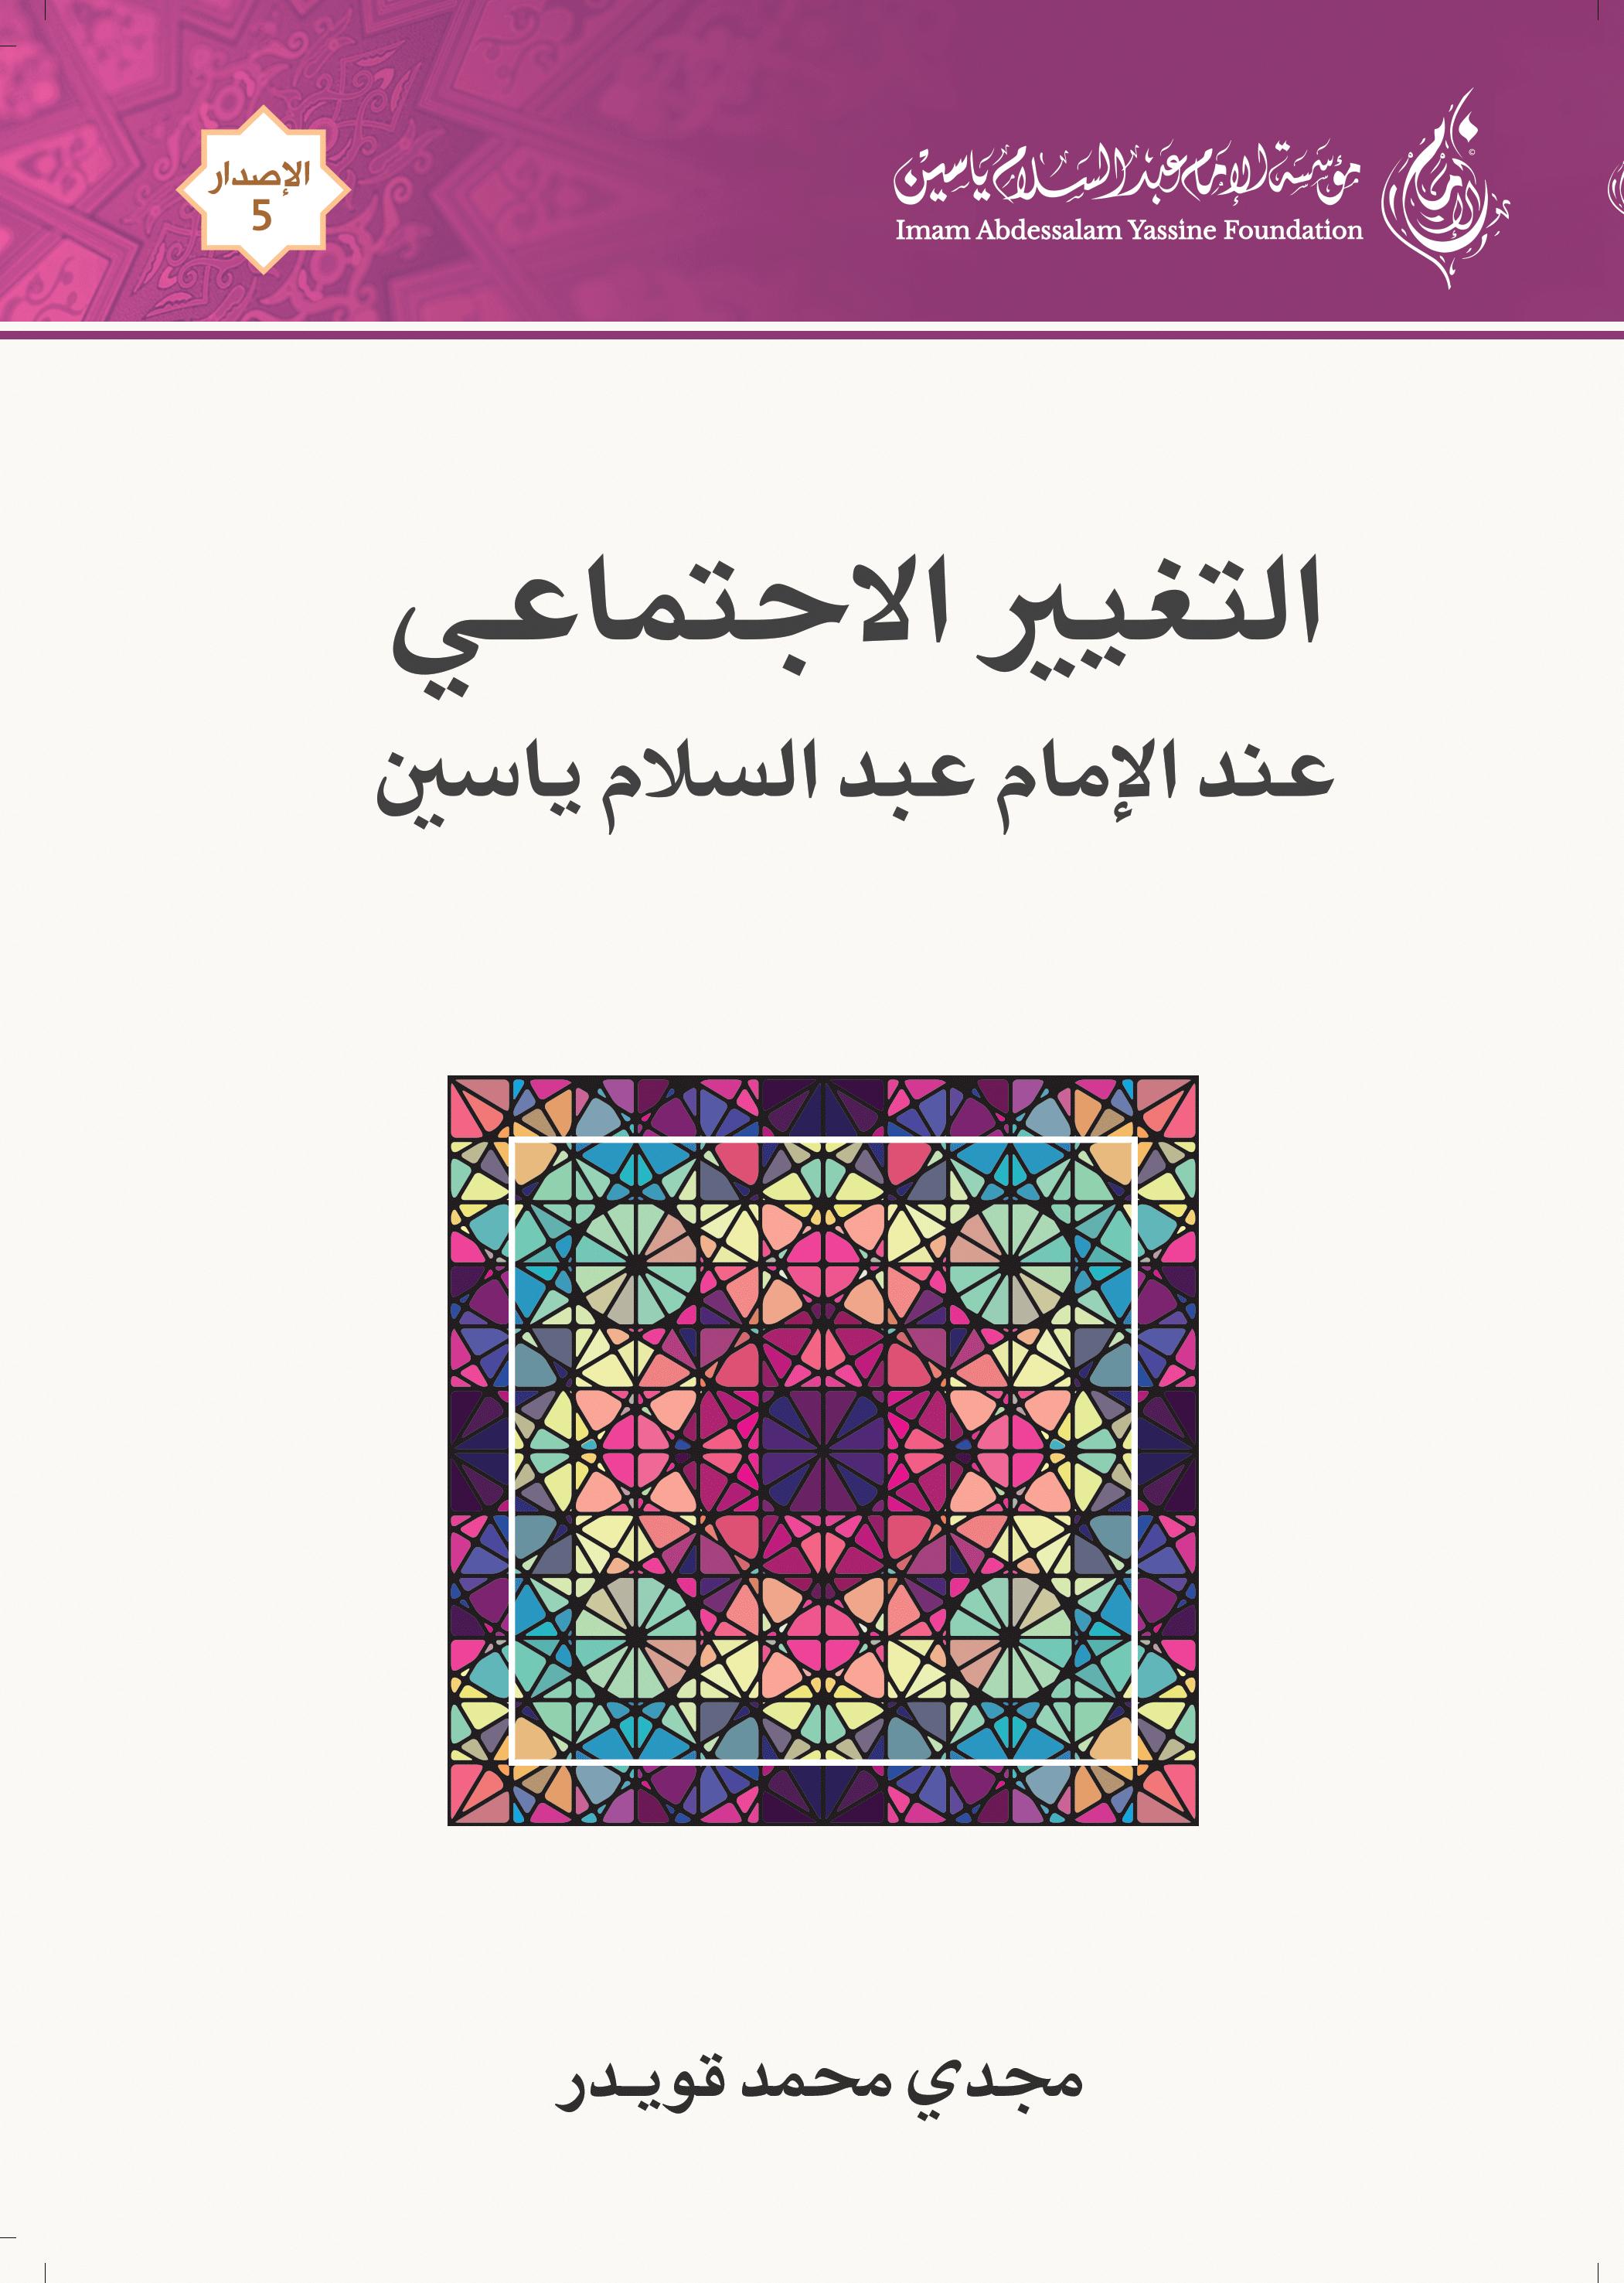 التغيير الاجتماعي عند الإمام عبد السلام ياسين